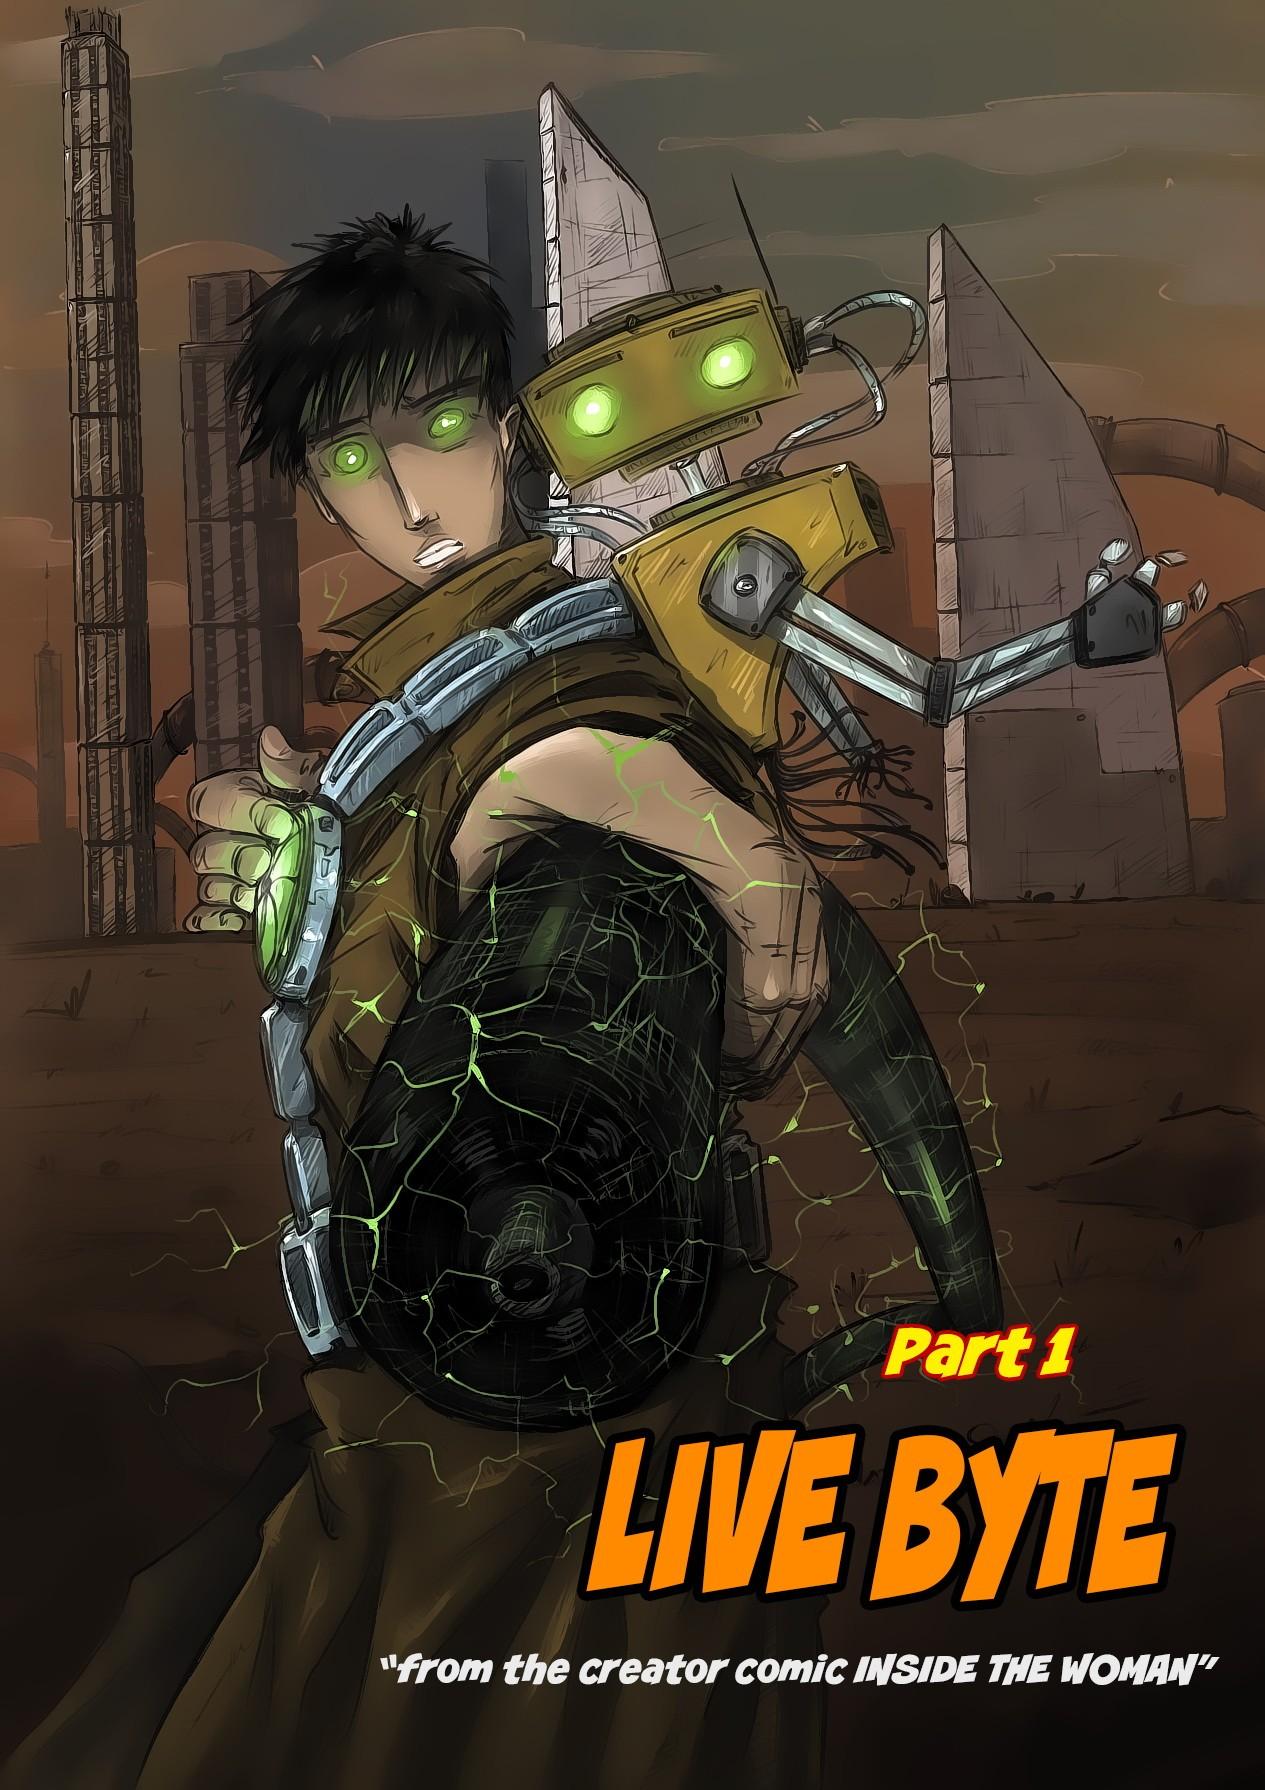 Live Byte